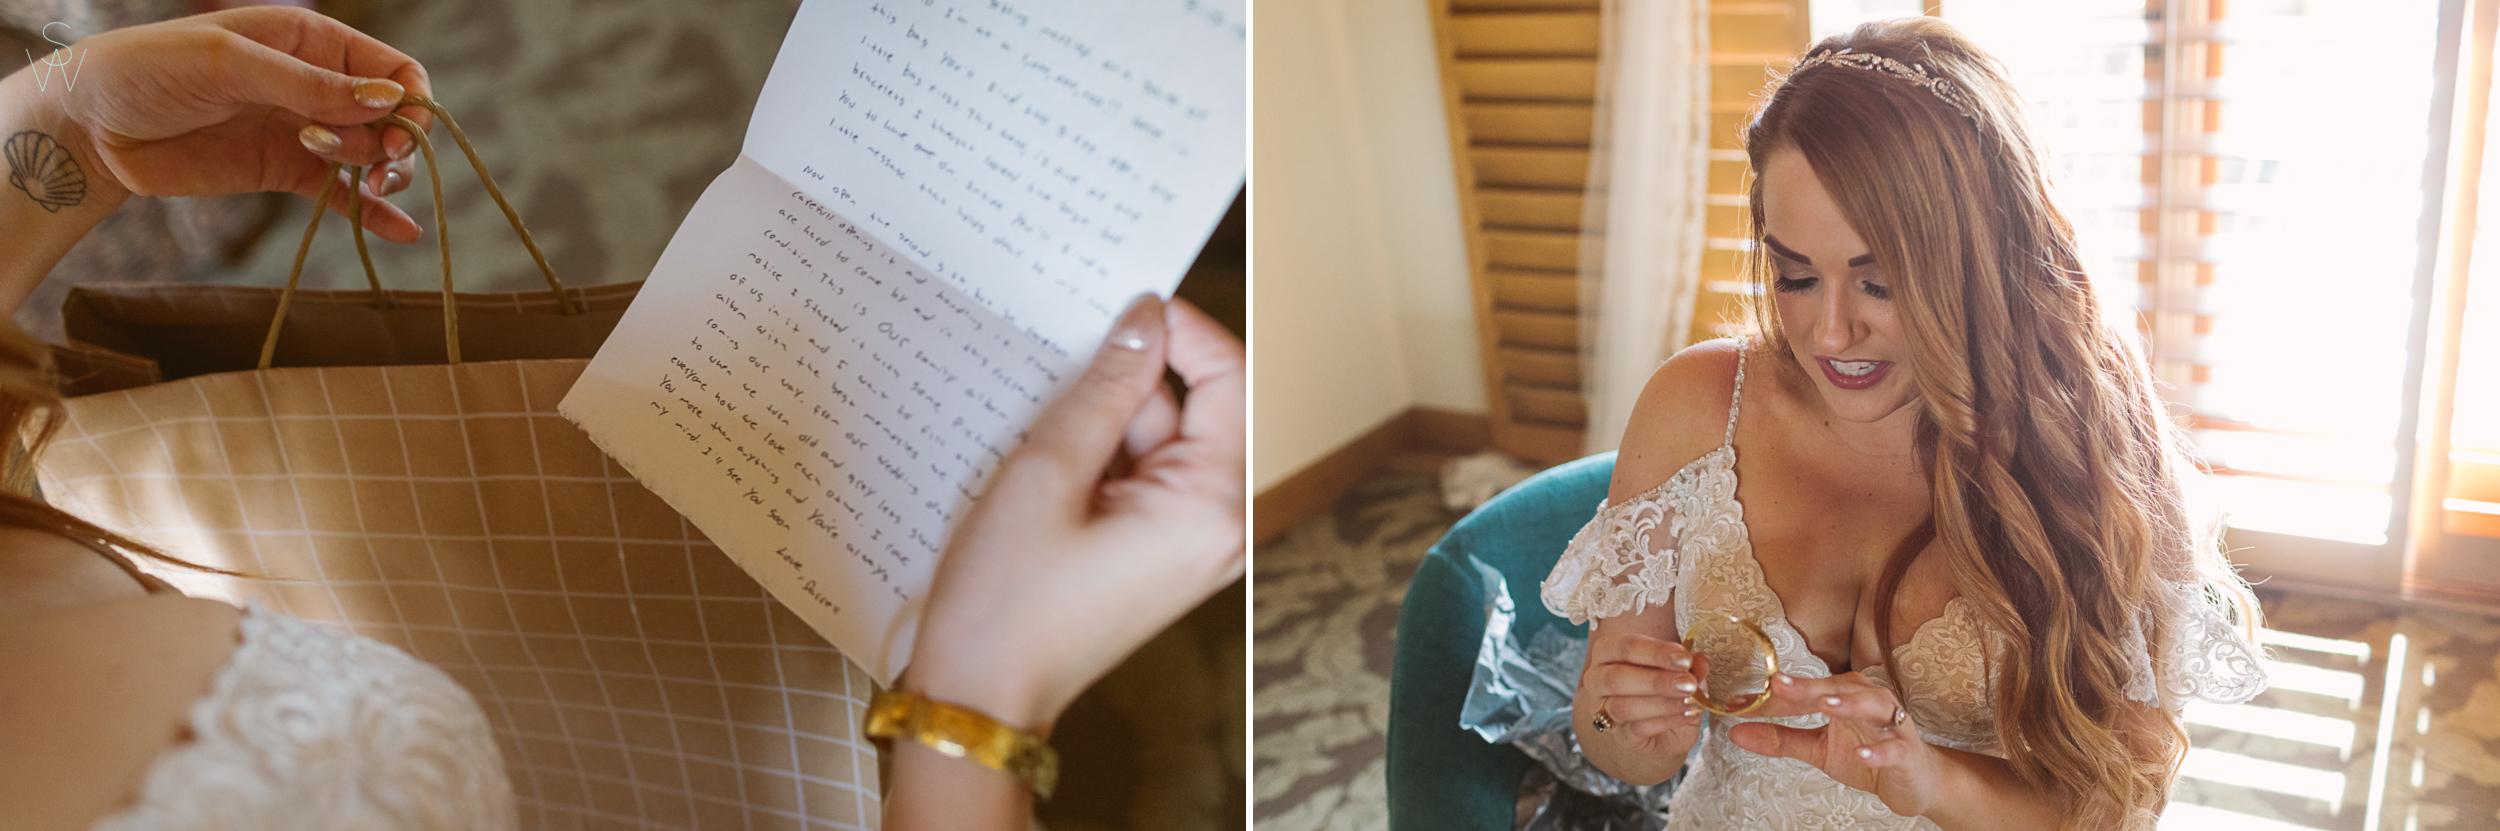 107San.diego.wedding.shewanders.photography.JPG